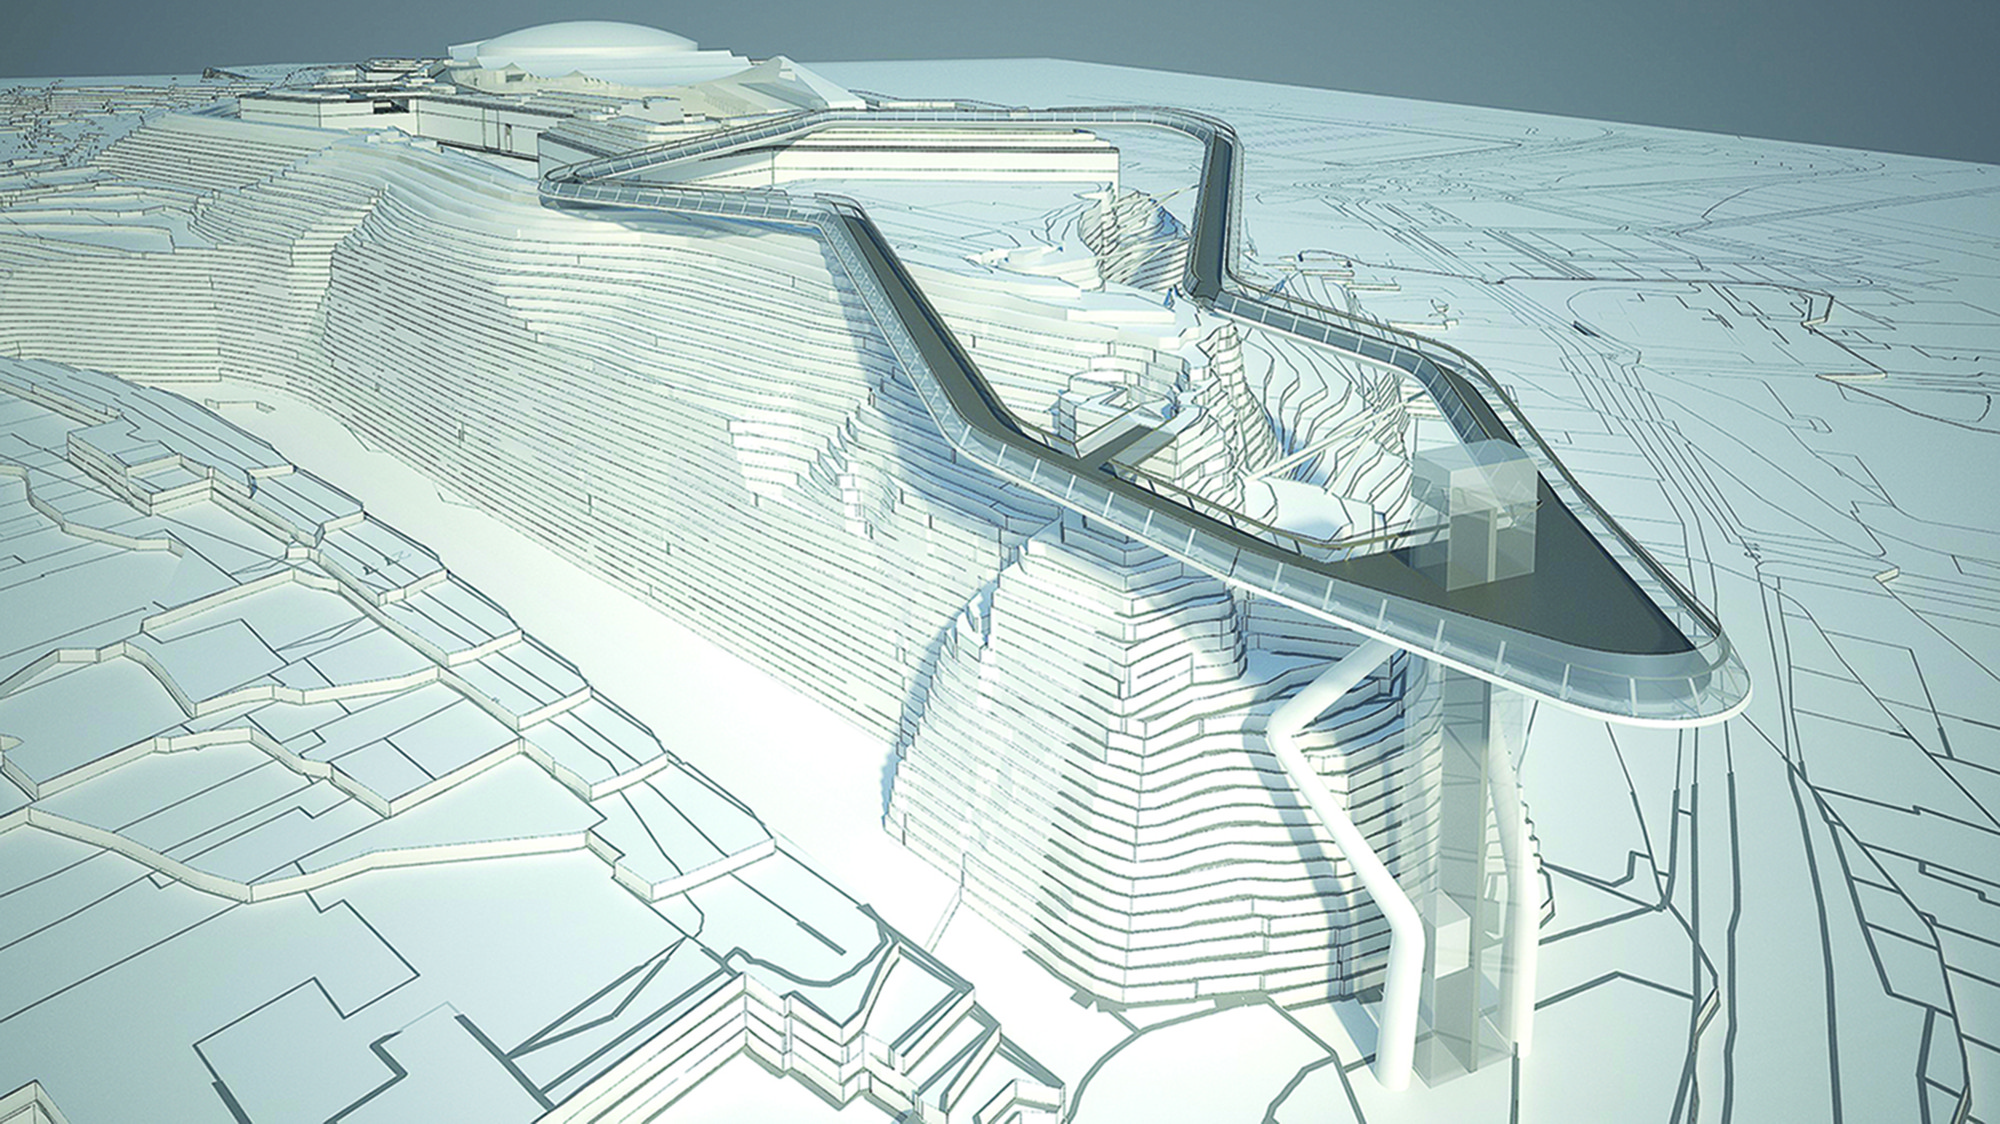 HOK Selected for Redevelopment of St Helier's Fort Regent, Courtesy of HOK